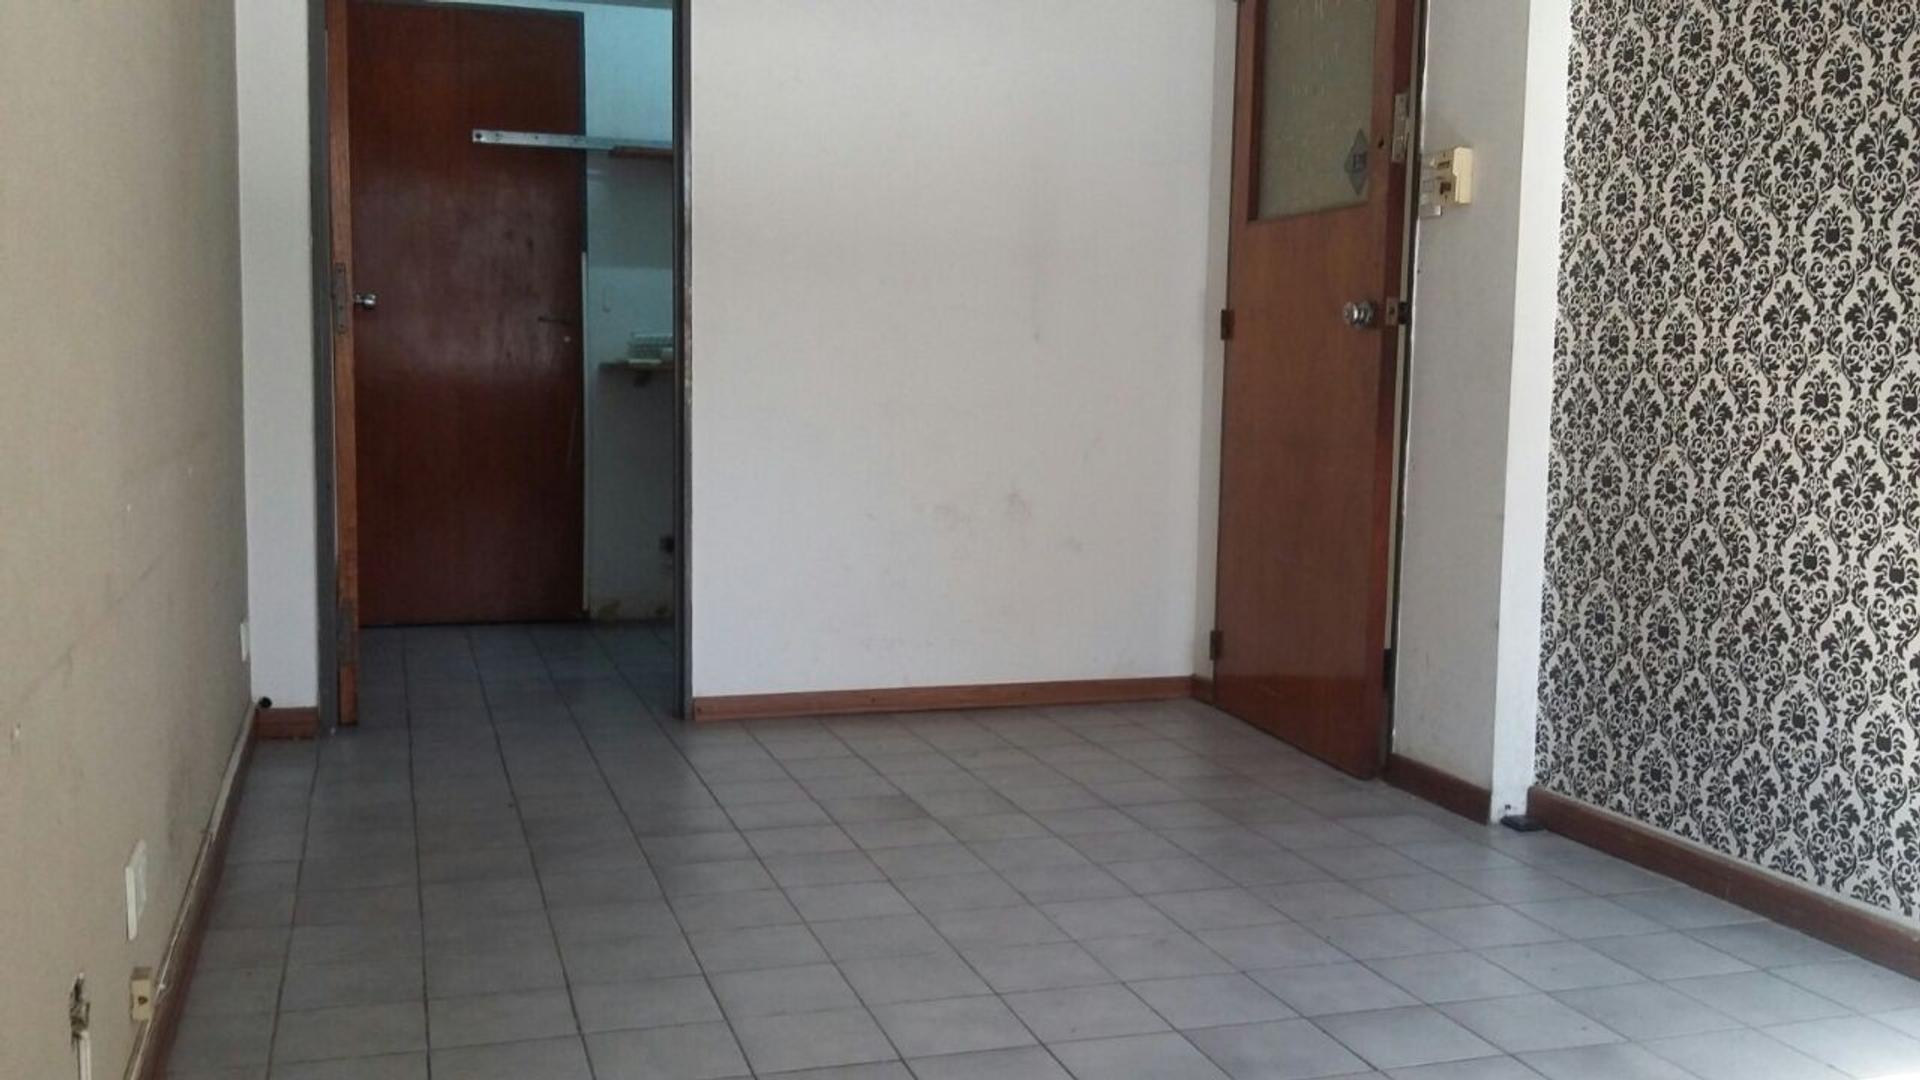 Oficina en alquiler a media cuadra de la Estación